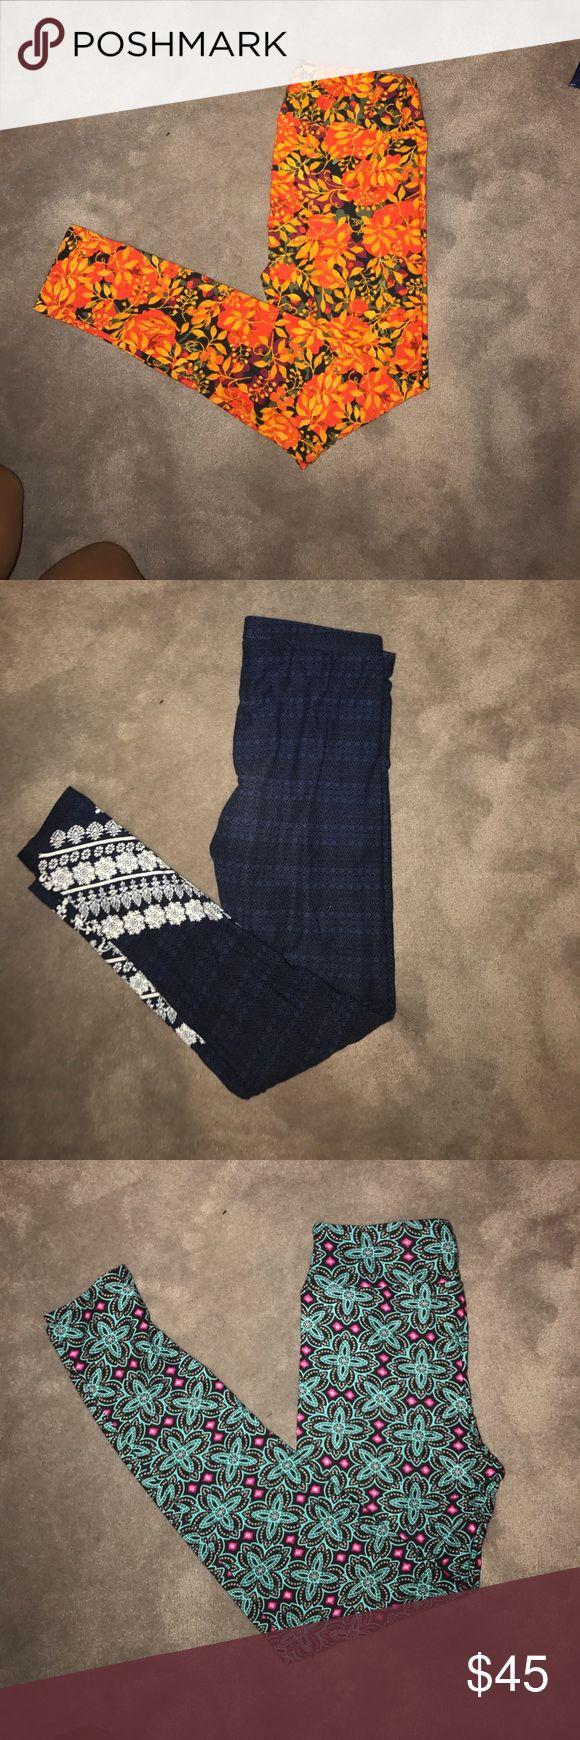 Set of 3 leggings Set of three leggings 2 pairs of lula roe never worn and one pair of of hippie rose leggings- 🔶orange leggings lula roe OS never worn -🔷blue leggings hippie rose small worn once -🔺 pink and blue lula leggings OS never worn LuLaRoe Pants Leggings